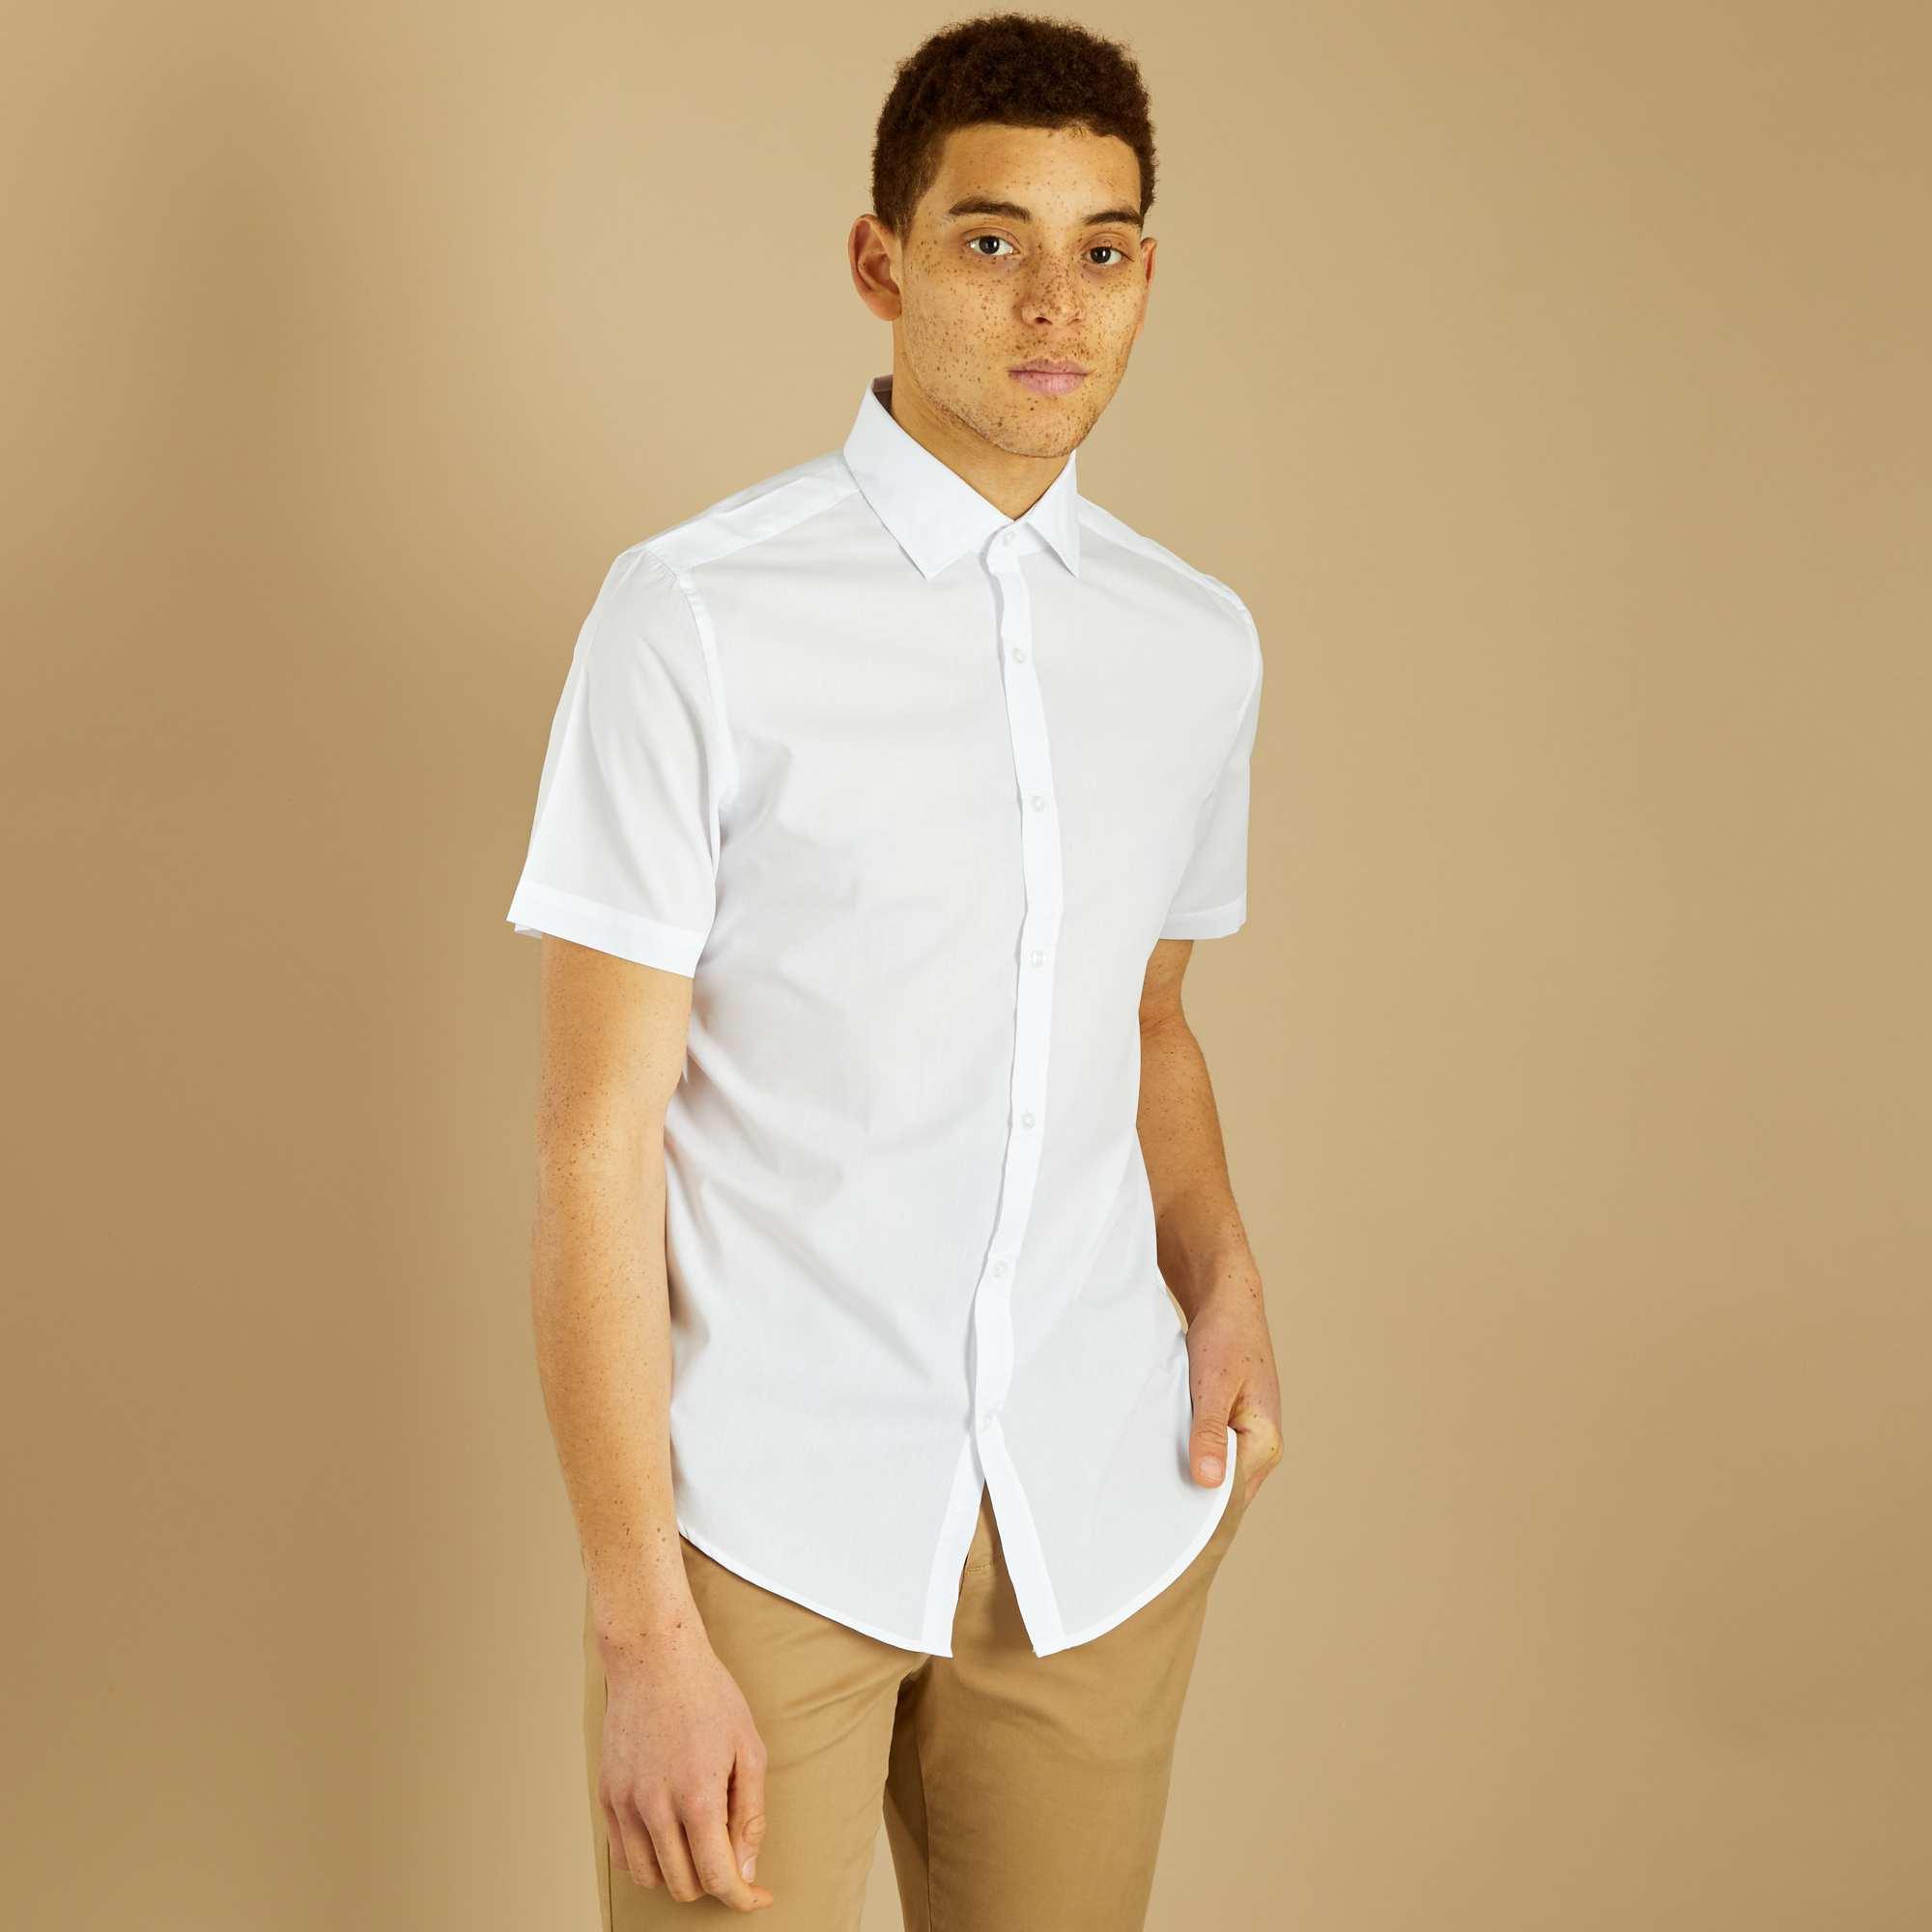 Couleur : blanc, , ,, - Taille : 37/38, 45/46, 43/44,41/42,39/40Un look impeccable et à petit prix ! - Chemise en polyester et coton - Regular fit /